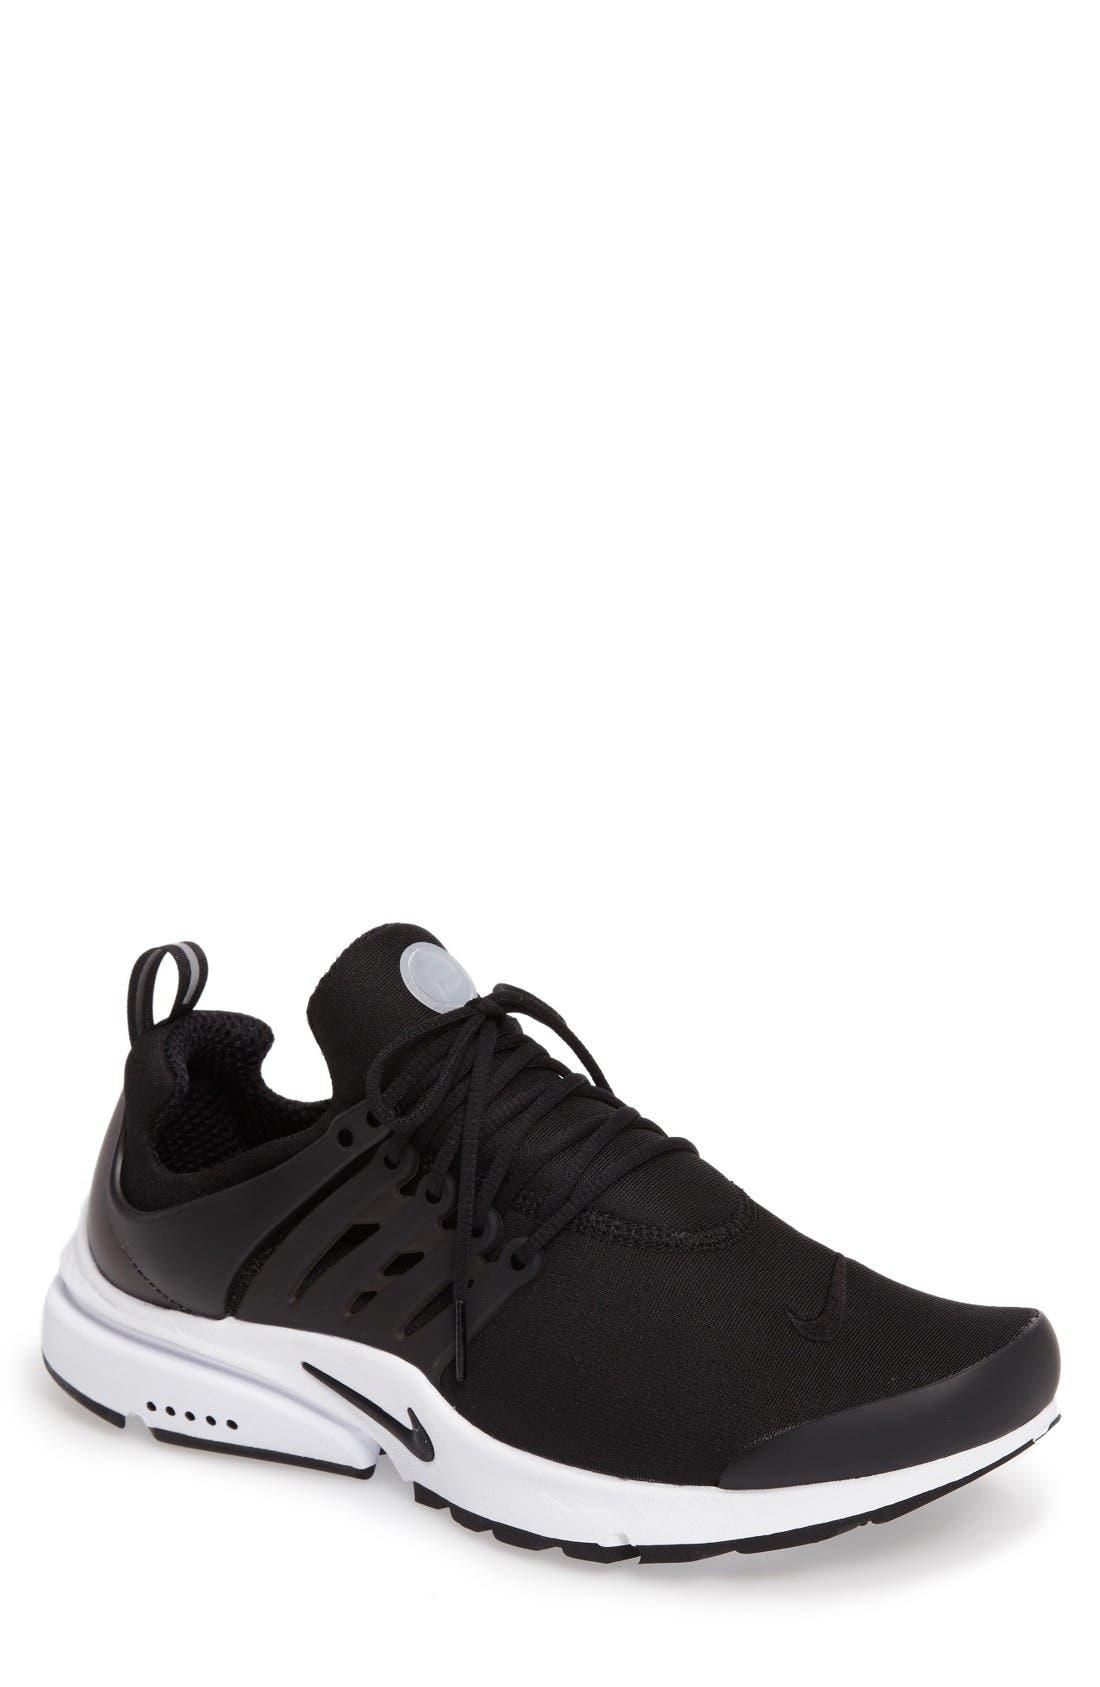 Air Presto Essential Sneaker,                         Main,                         color, Black/ Black/ White